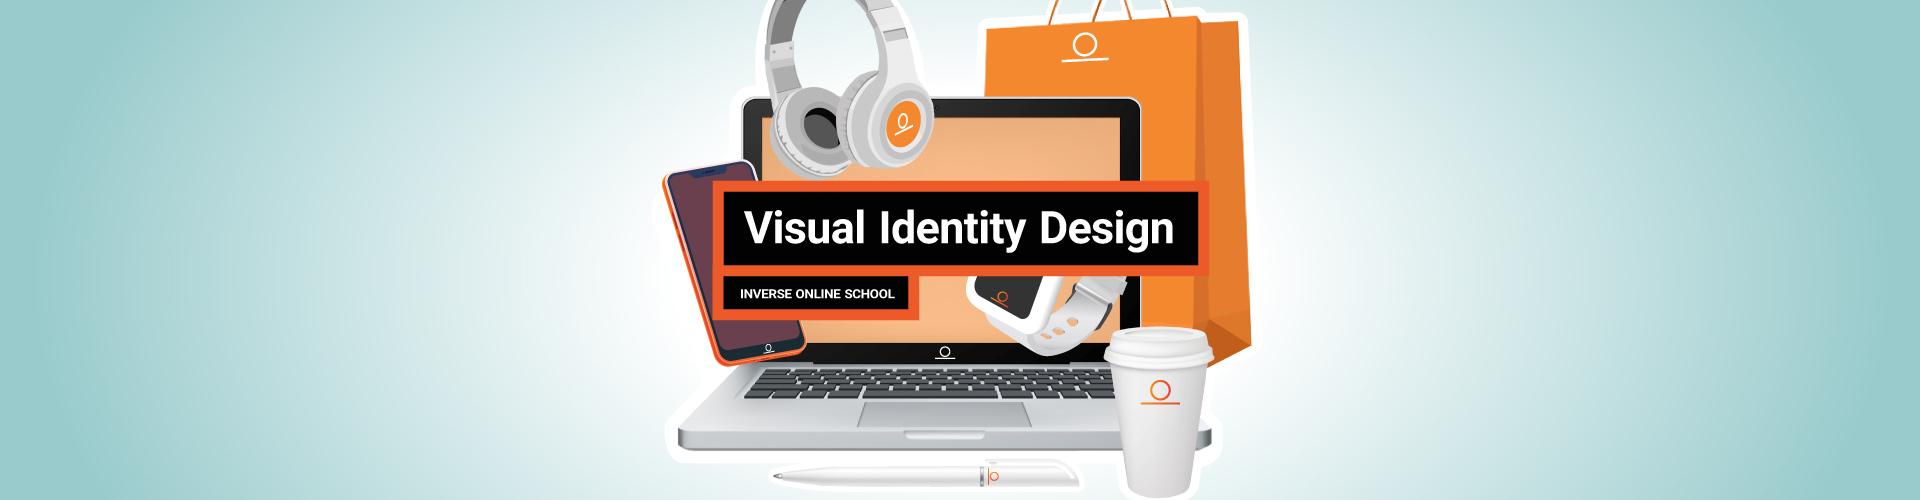 طراحی هویت بصری